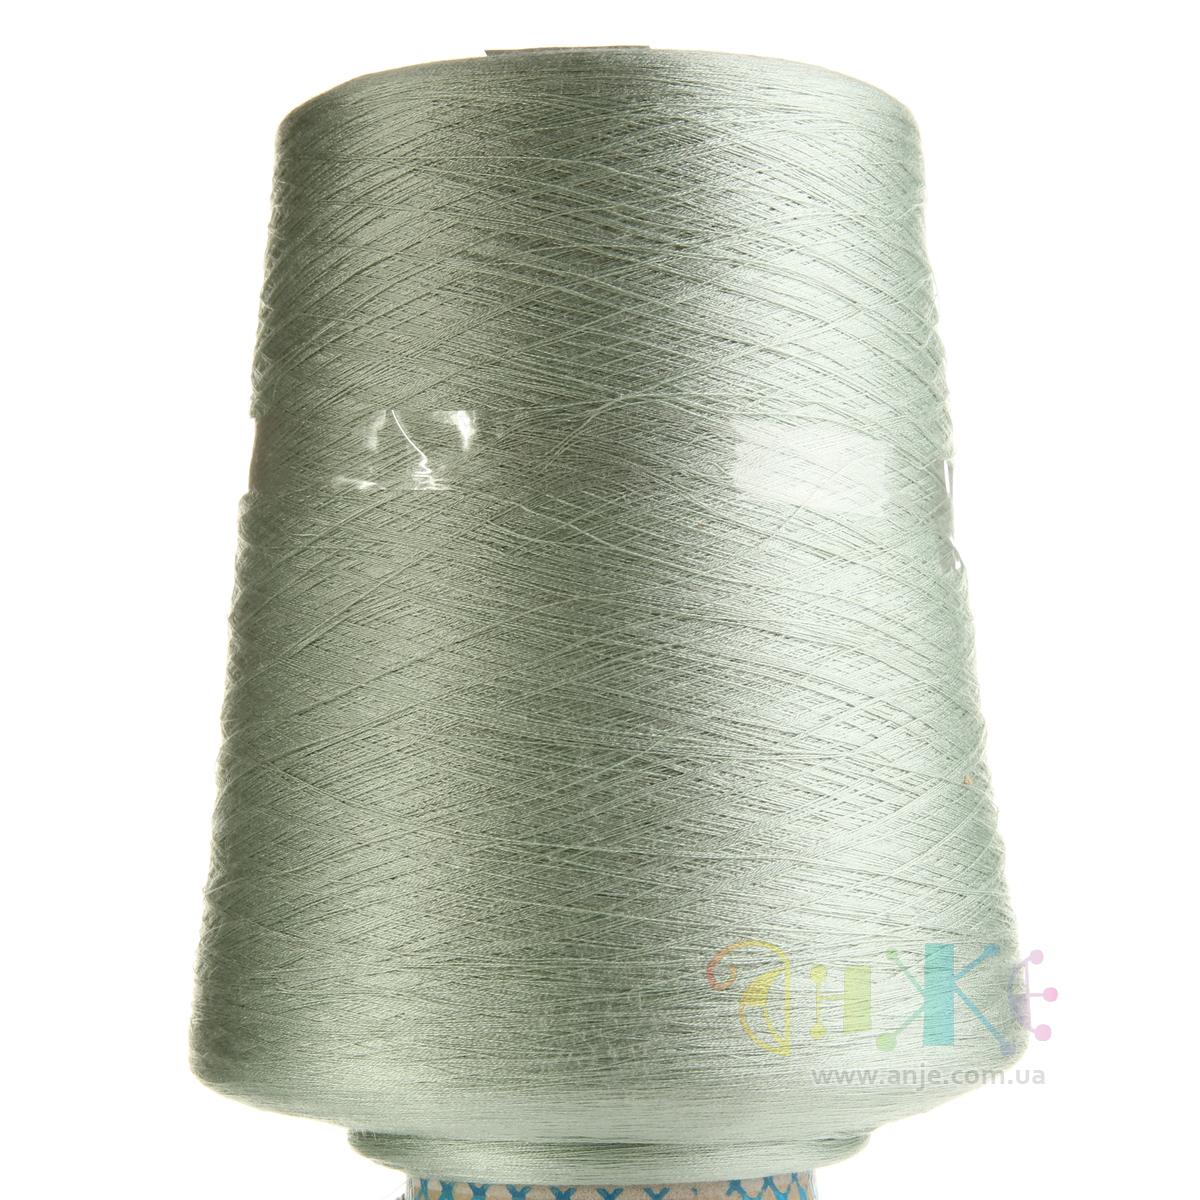 Пряжа для вязания в интернет-магазине 75